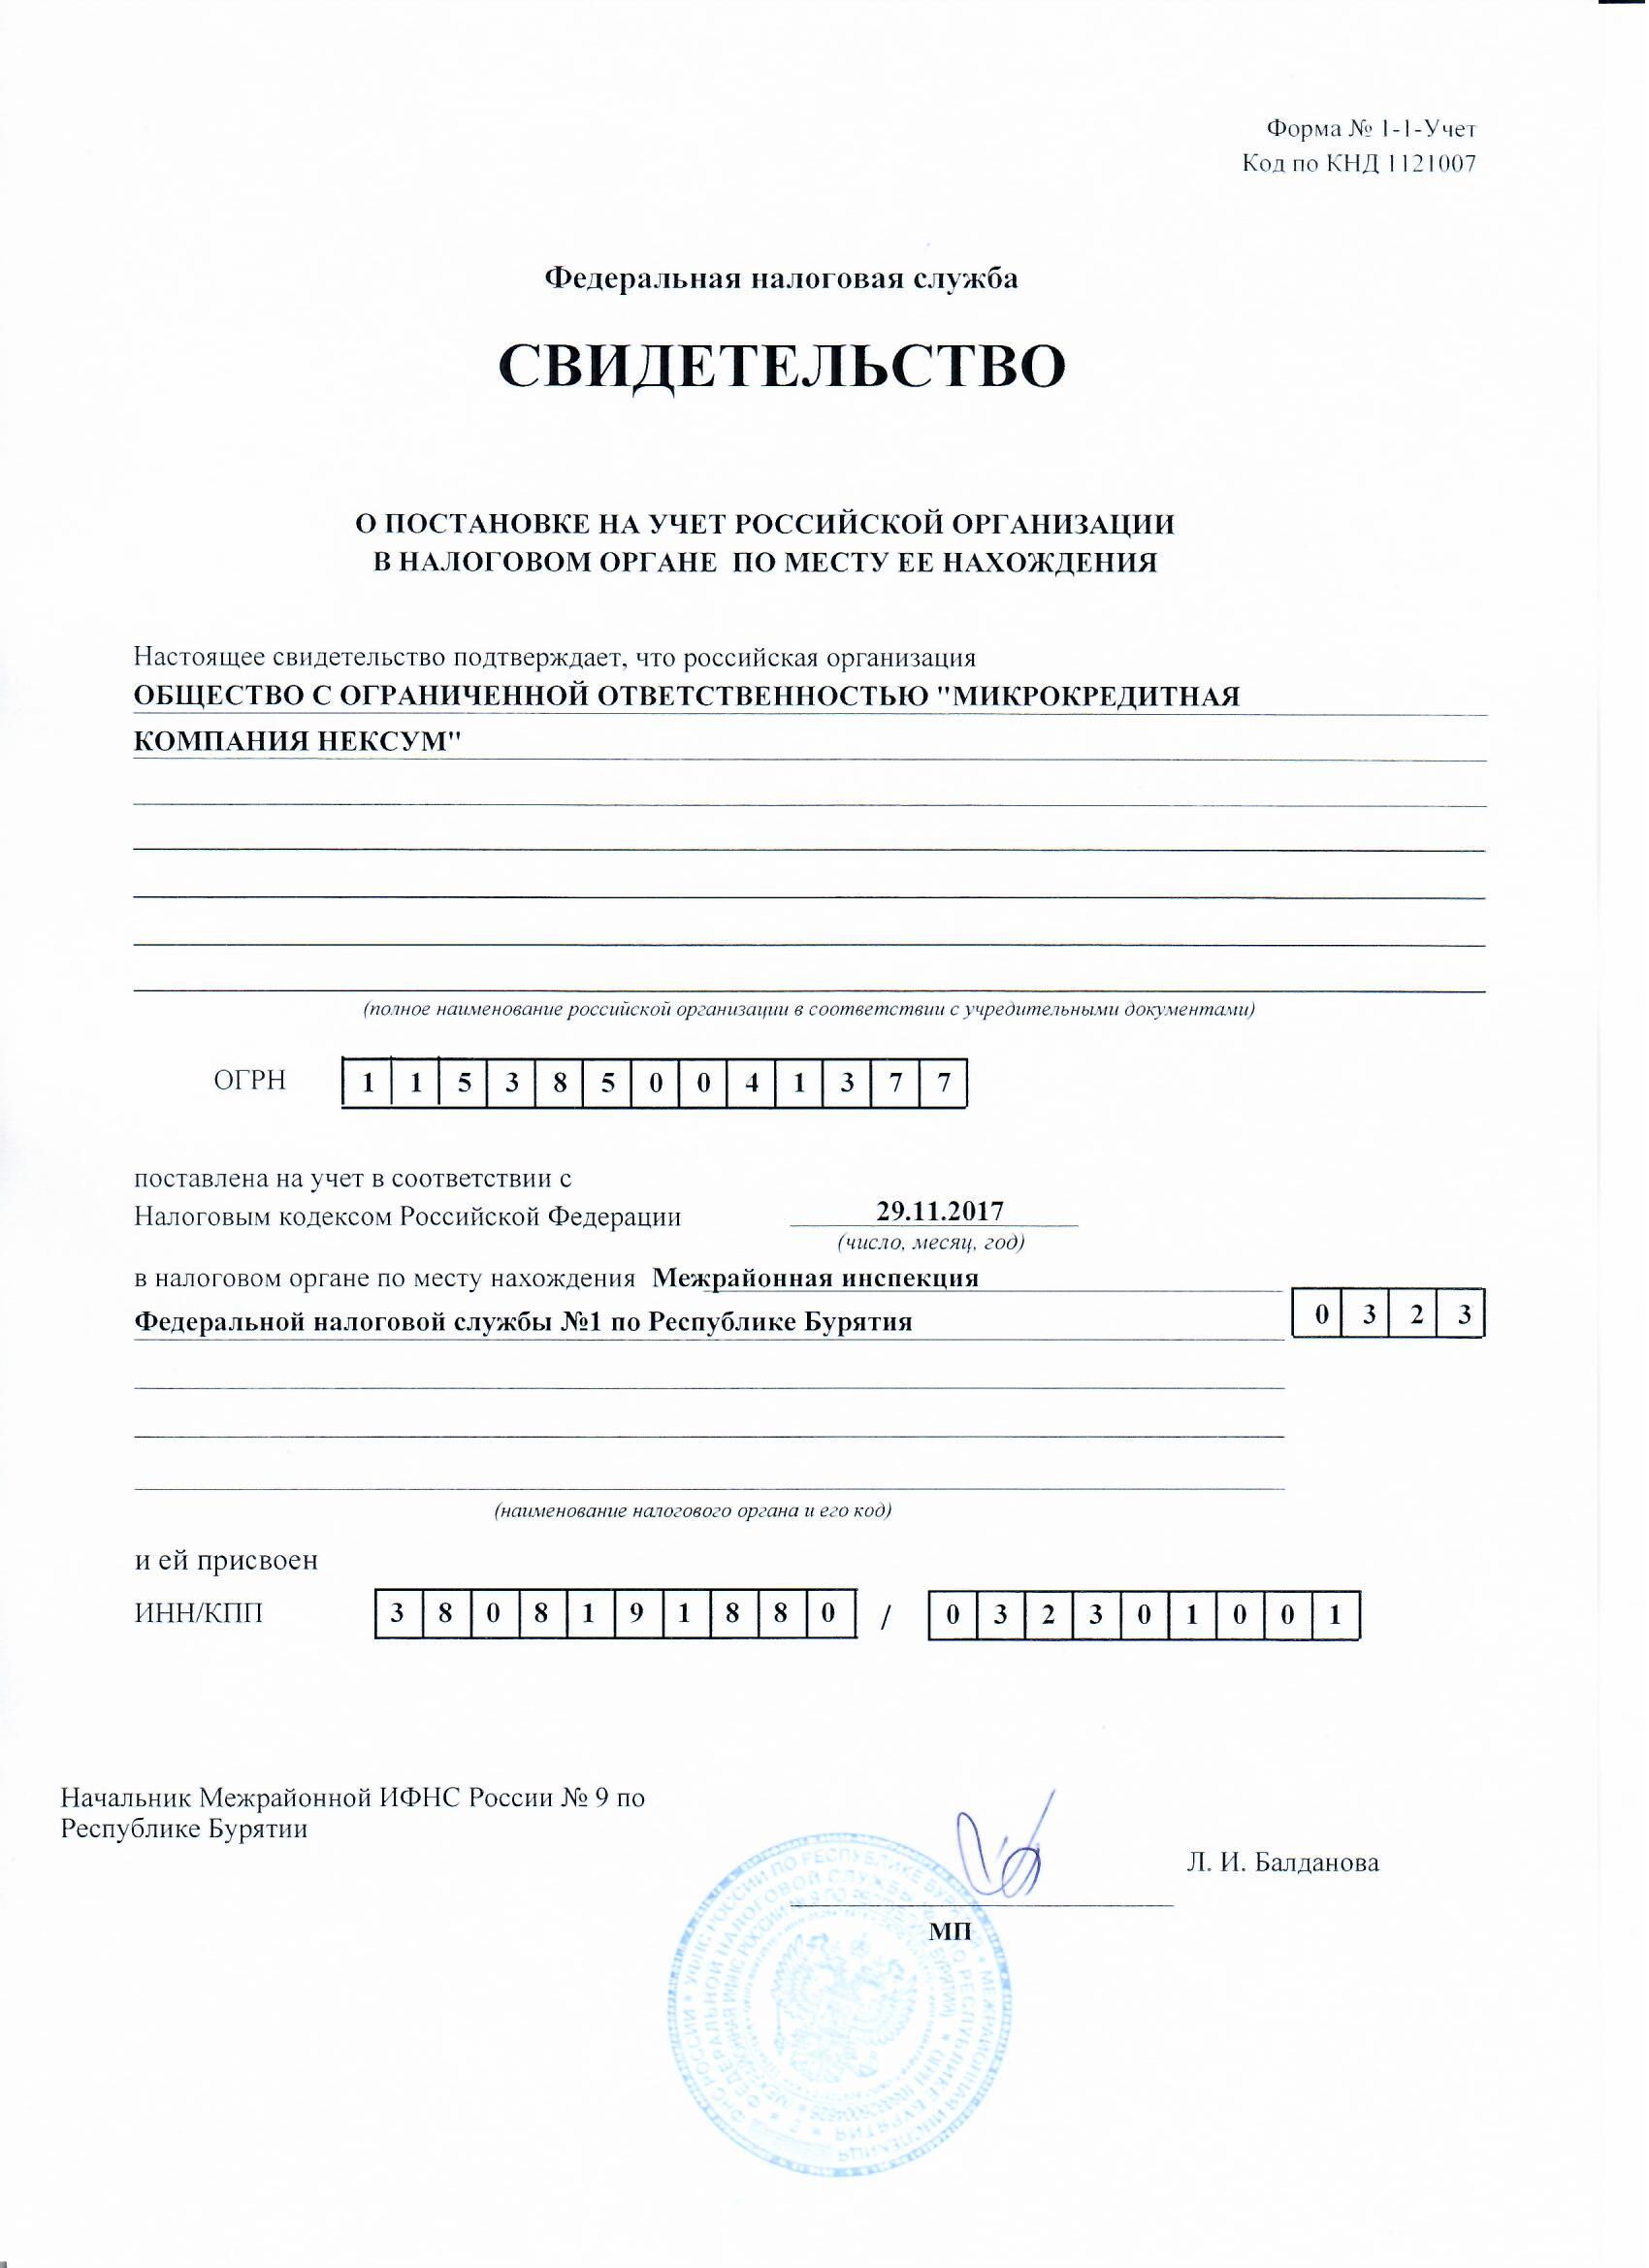 Свид-во о постановке на учет в ИФНС РБ